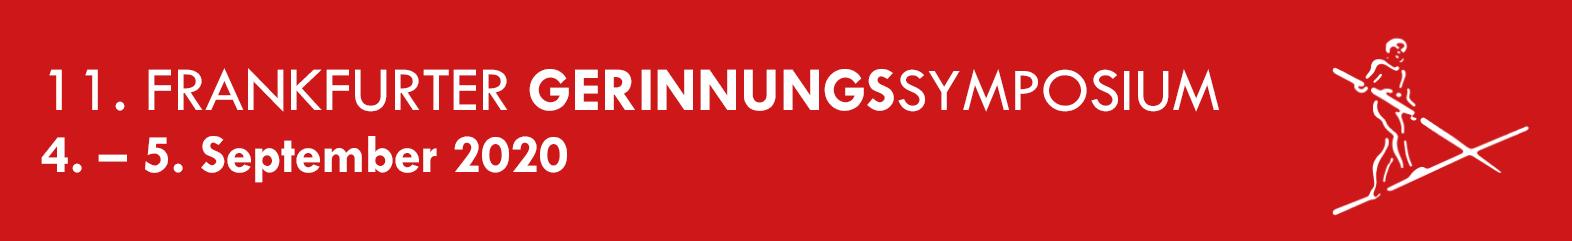 11. FRANKFURTER GERINNUNGSSYMPOSIUM